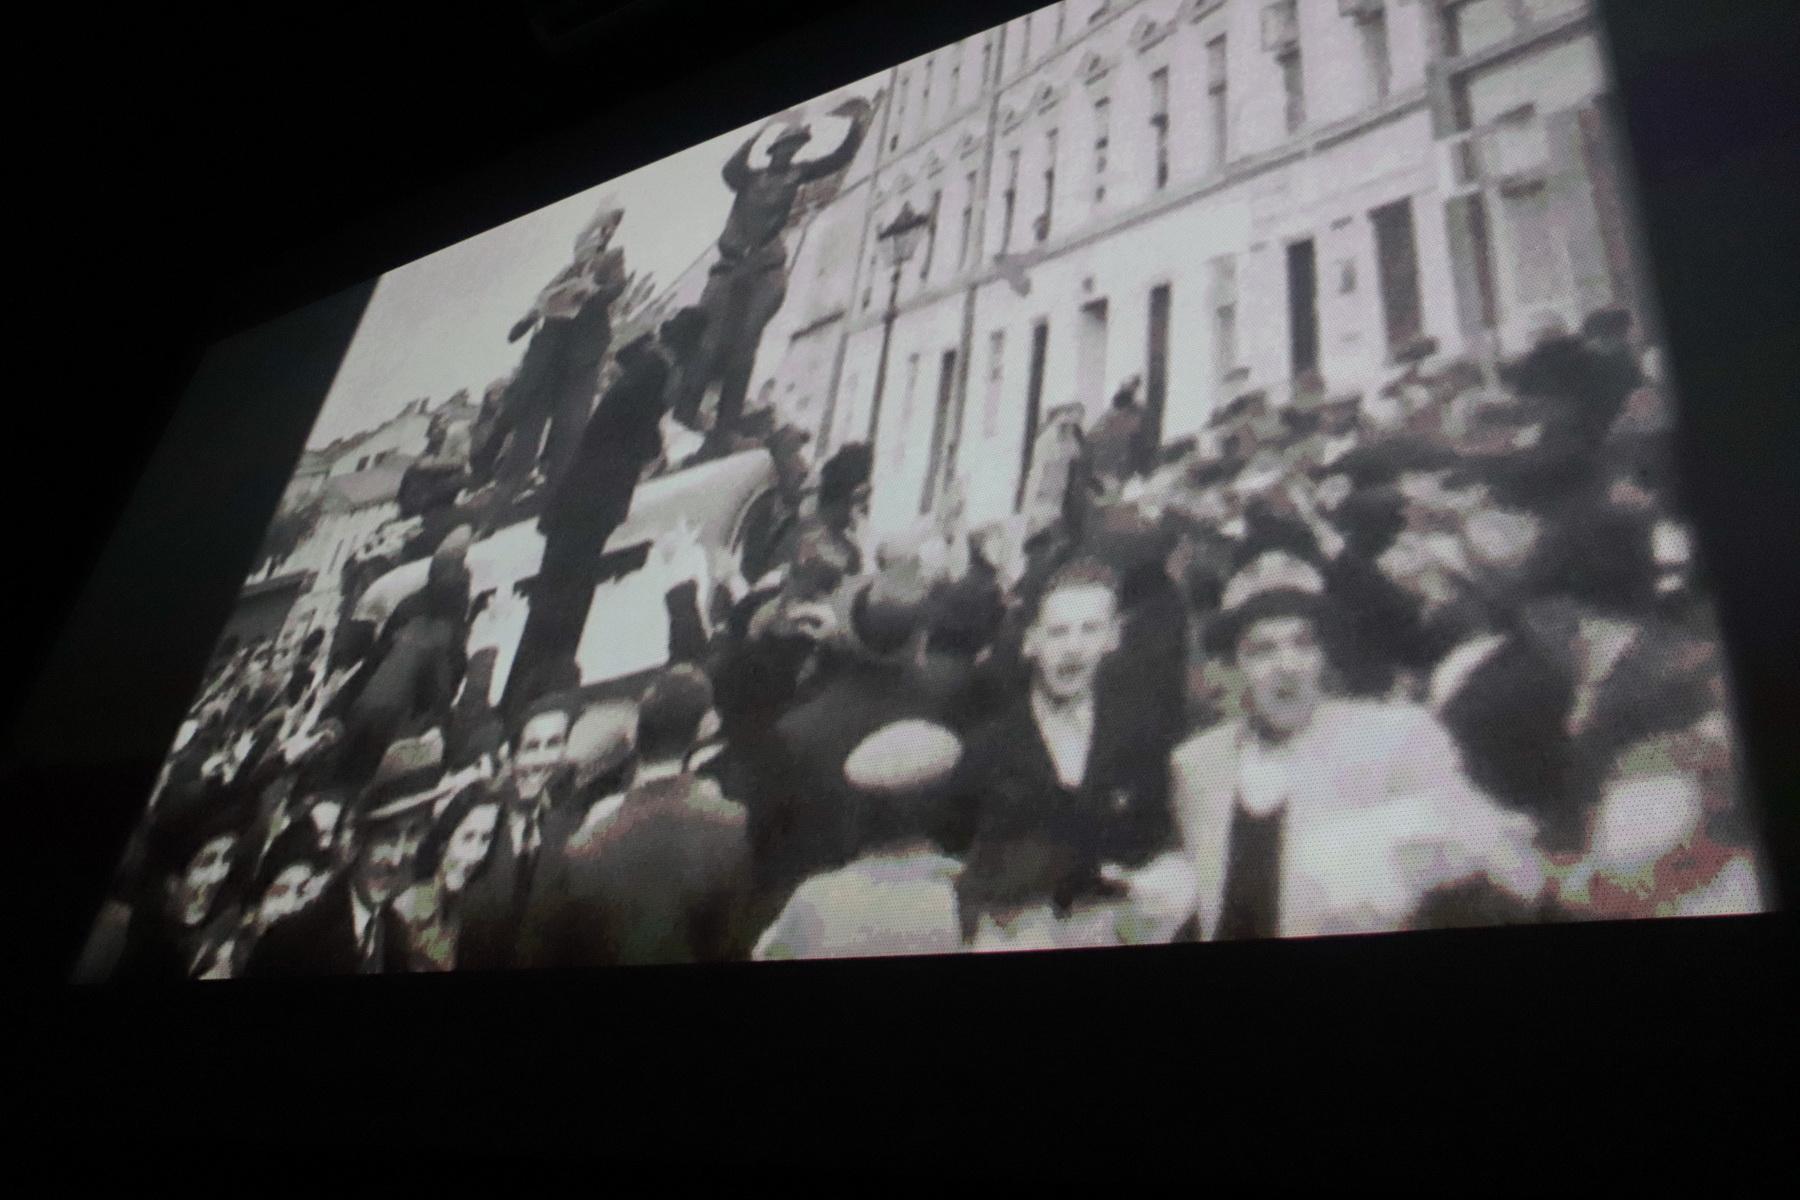 У Франківську показали документальний фільм, як Армія Крайова та УПА виступили проти радянських окупантів 4